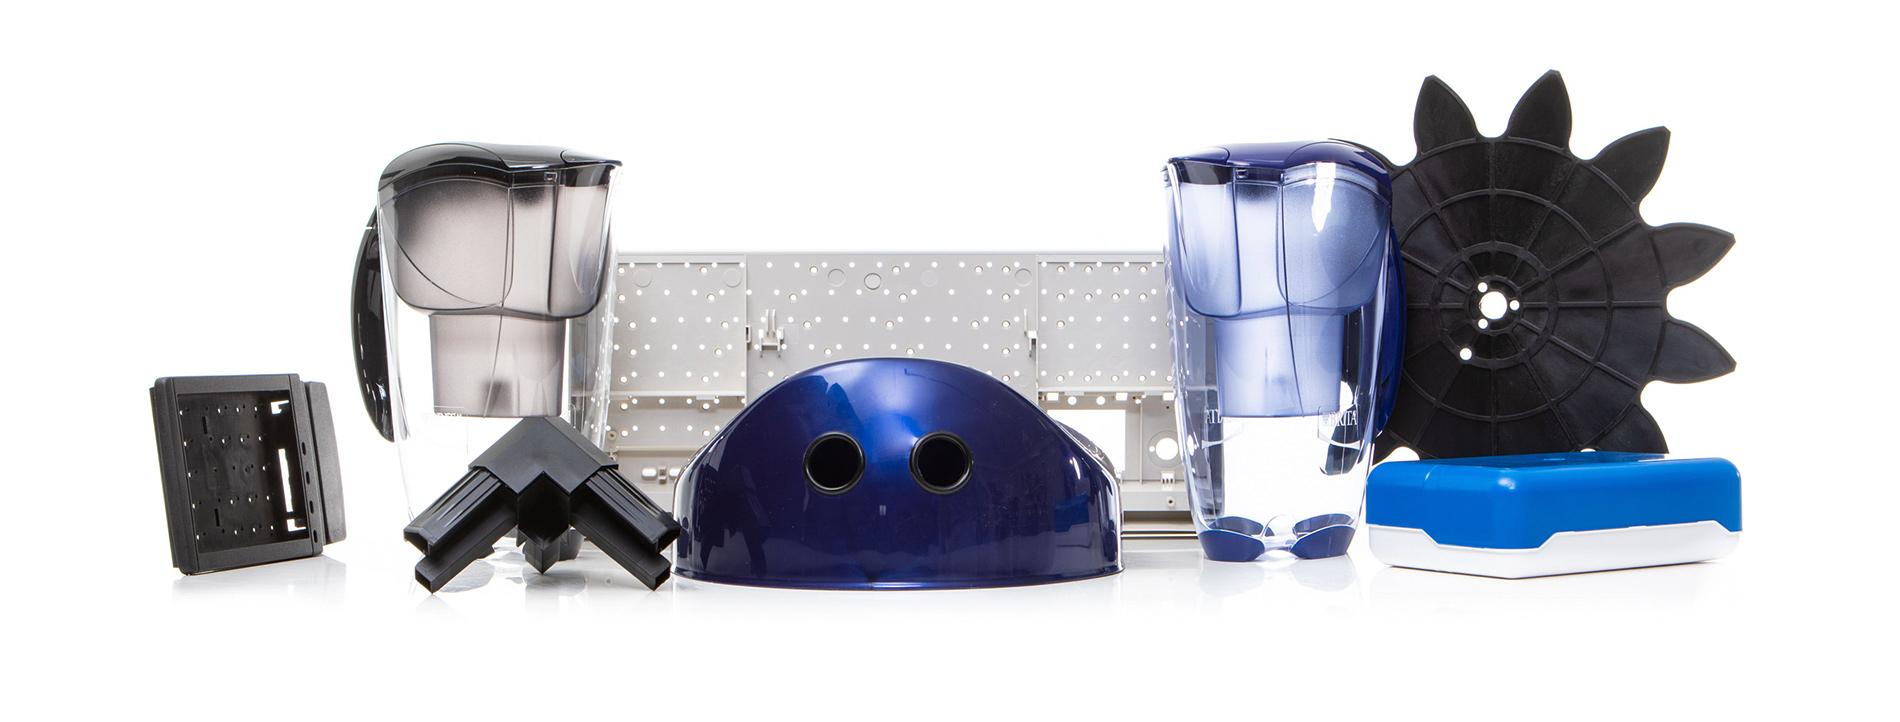 Kunststoffverarbeitung Winter Kunststoff-Einzelteile für Haushaltswaren